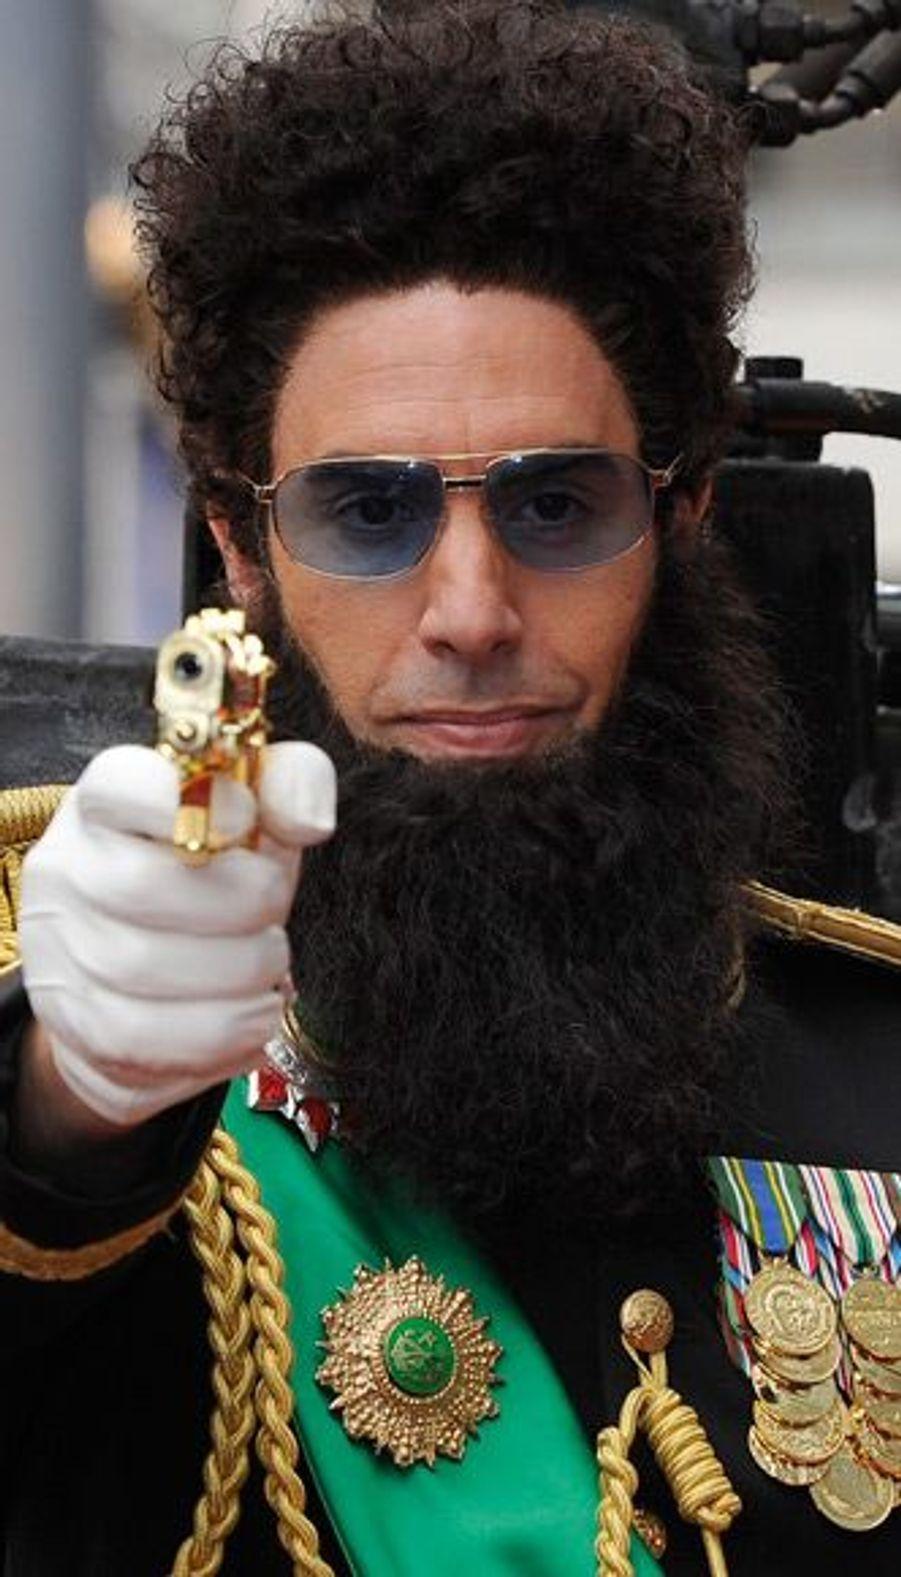 """L'acteur de """"Borat"""" a bien sûr joué la carte de la provocation sur le tapis rouge pointant un flingue sur les journalistes."""